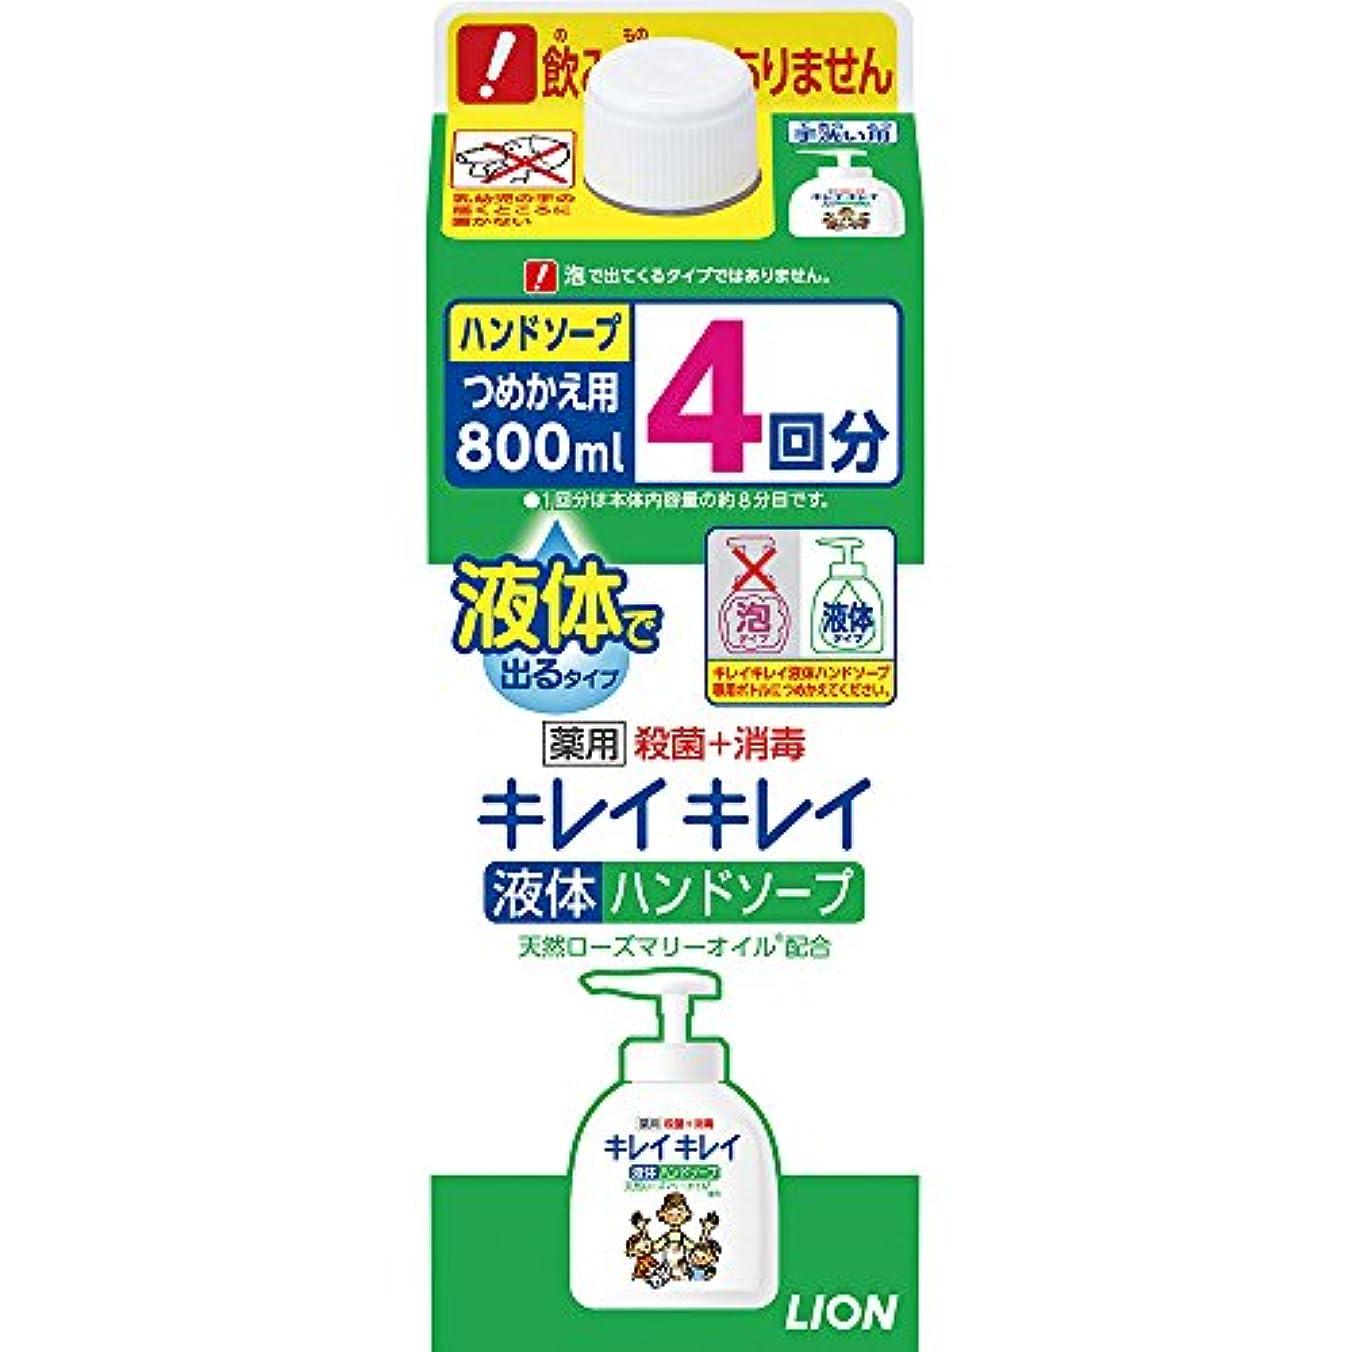 歪めるずんぐりしたエスカレート(医薬部外品)【大容量】キレイキレイ 薬用 液体ハンドソープ 詰め替え 特大 800ml